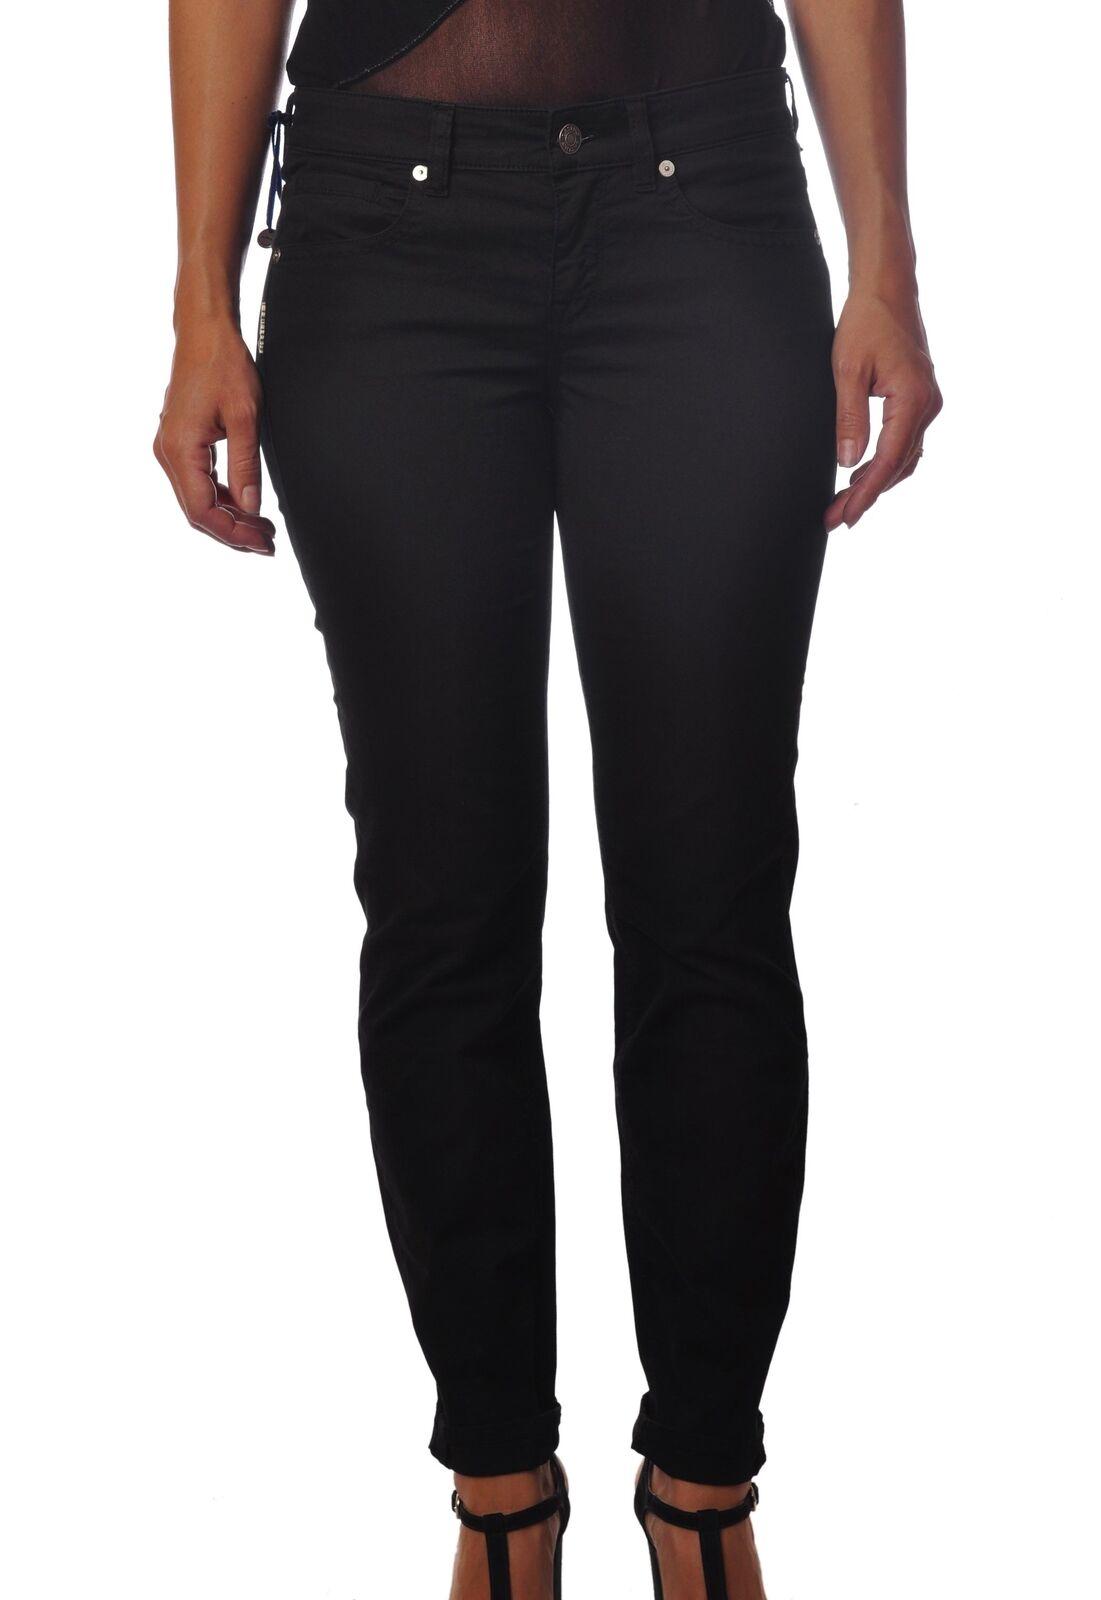 Latinò - Pantaloni-Pantaloni - femmes - noir - 3848302C184156